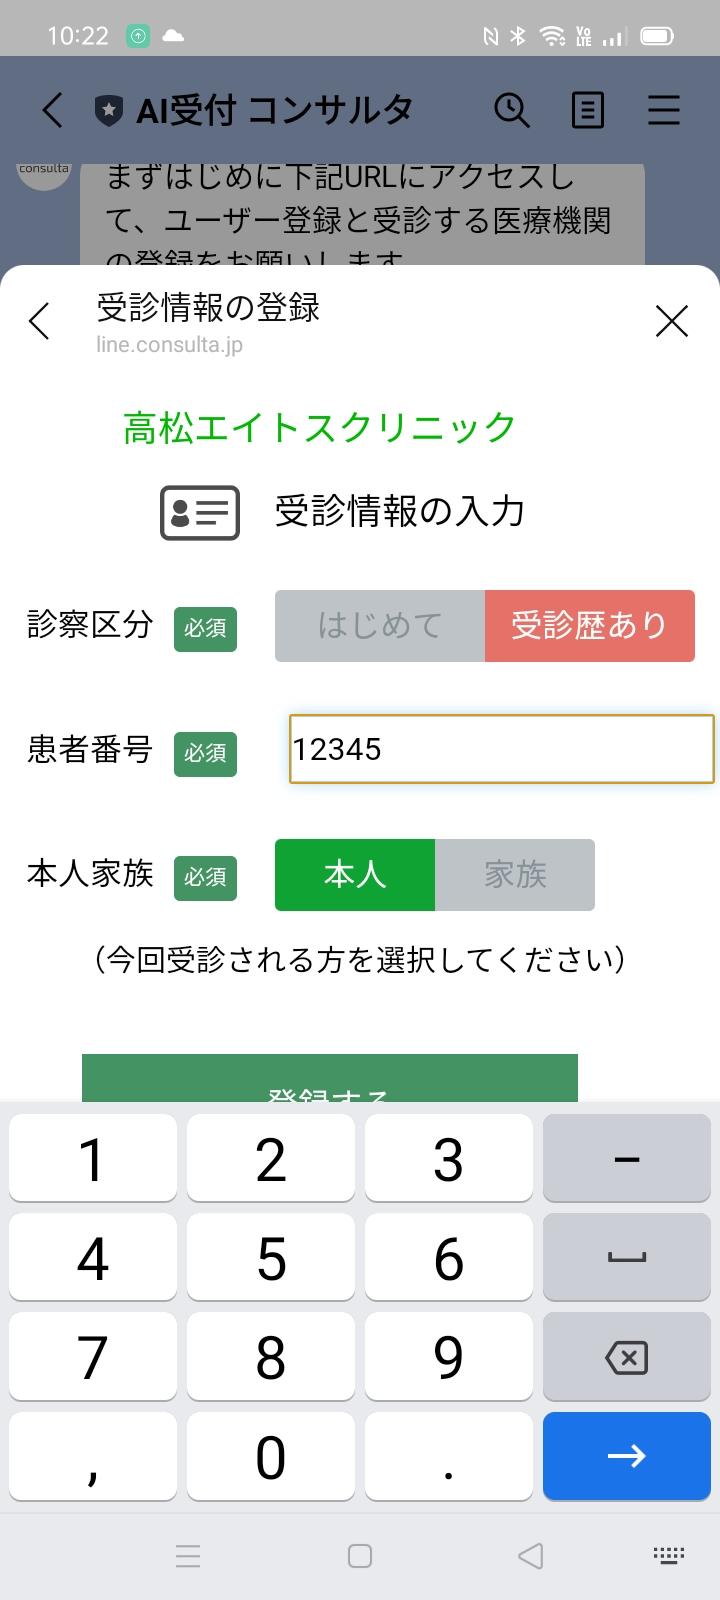 ユーザー登録 患者情報2